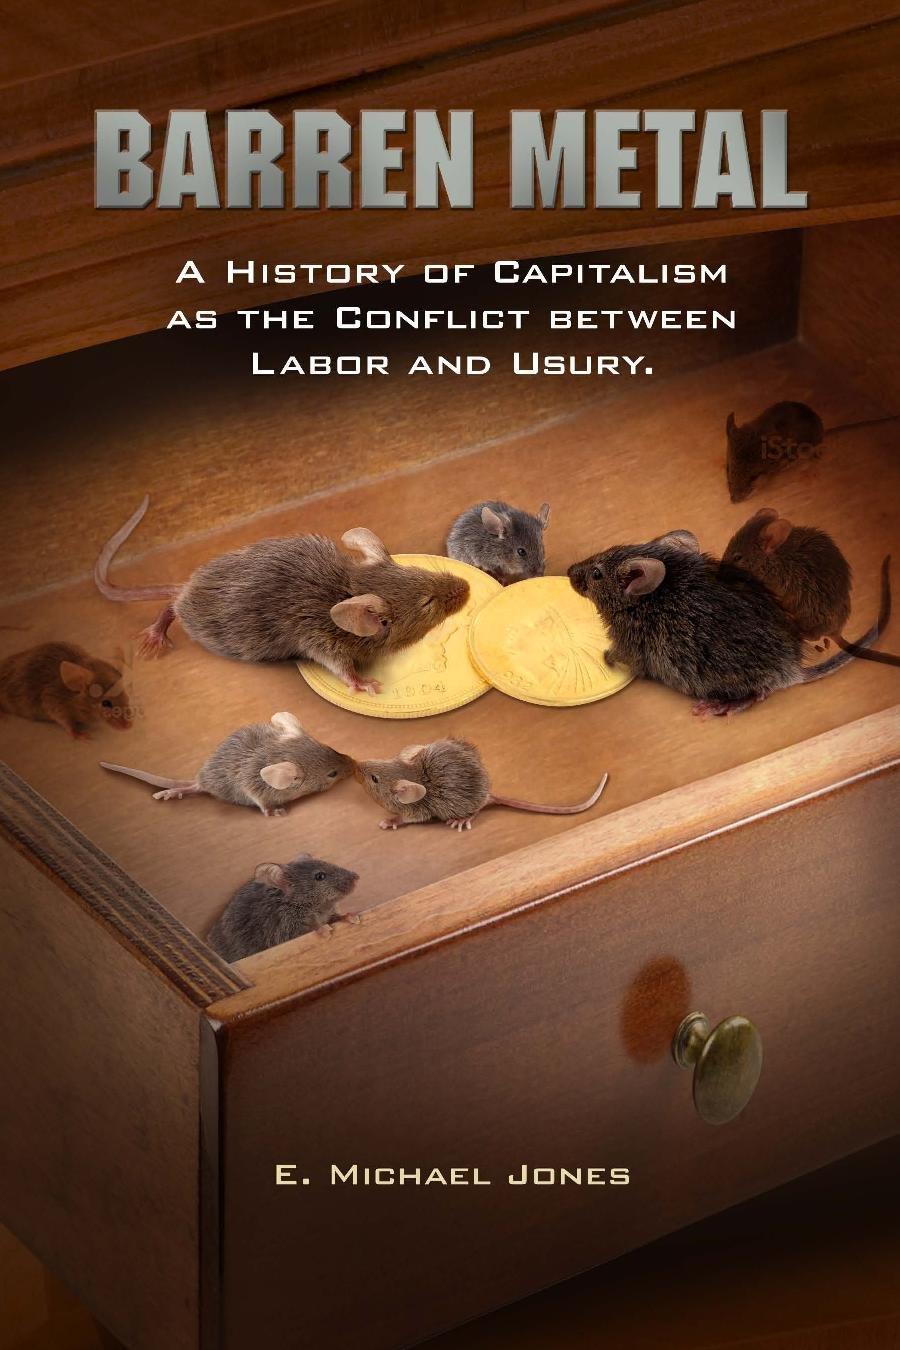 Barren Metal History Capitalism Conflict